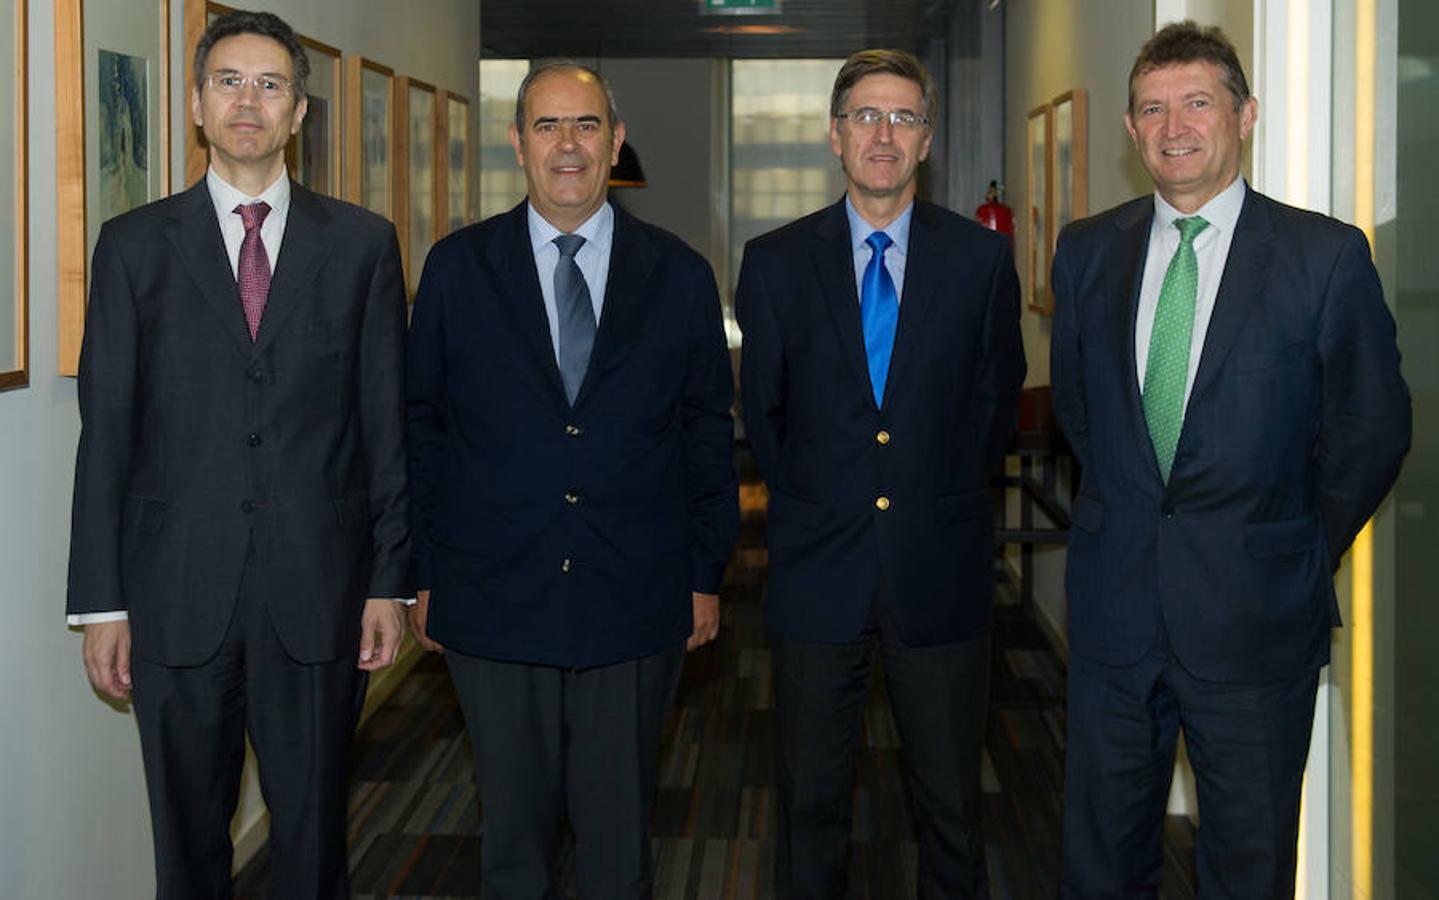 Los invitados al foro, a su llegada a la Casa de ABC